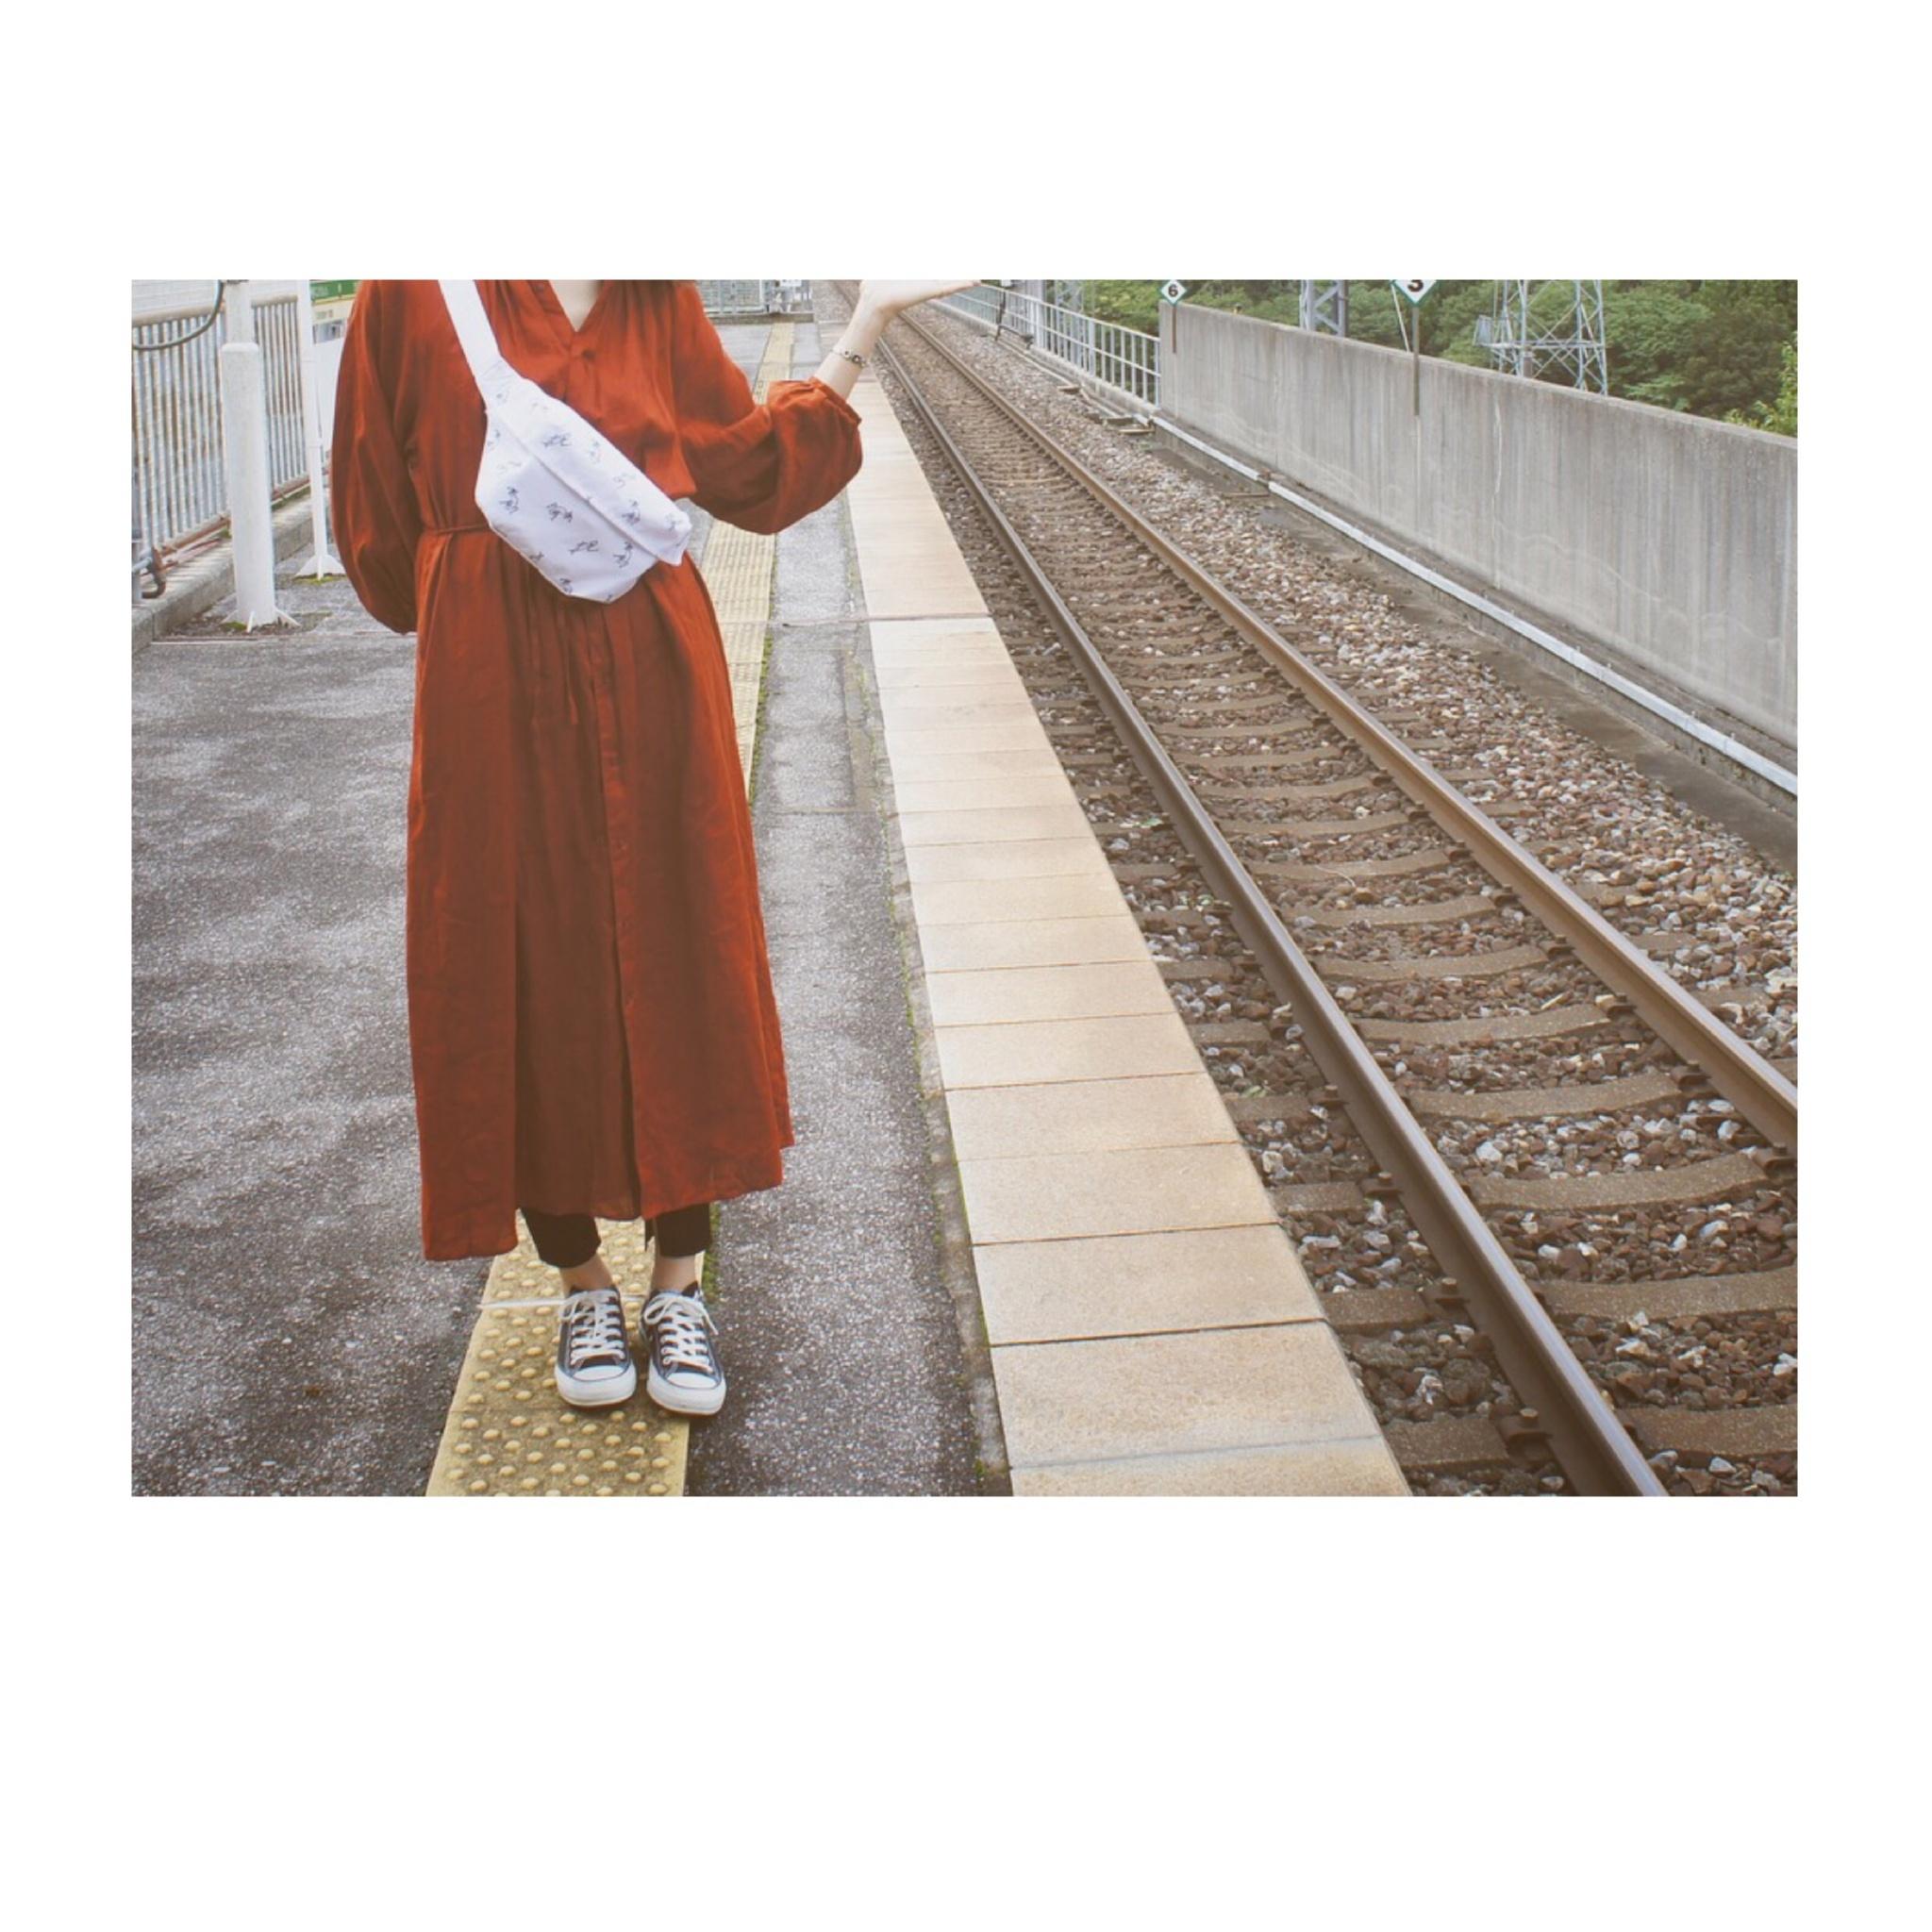 《今秋トレンド》はプチプラで❤️【GU(ジーユー)】のリブスリットレギンスパンツ¥1,490+税が履き心地抜群✌︎❤︎_4